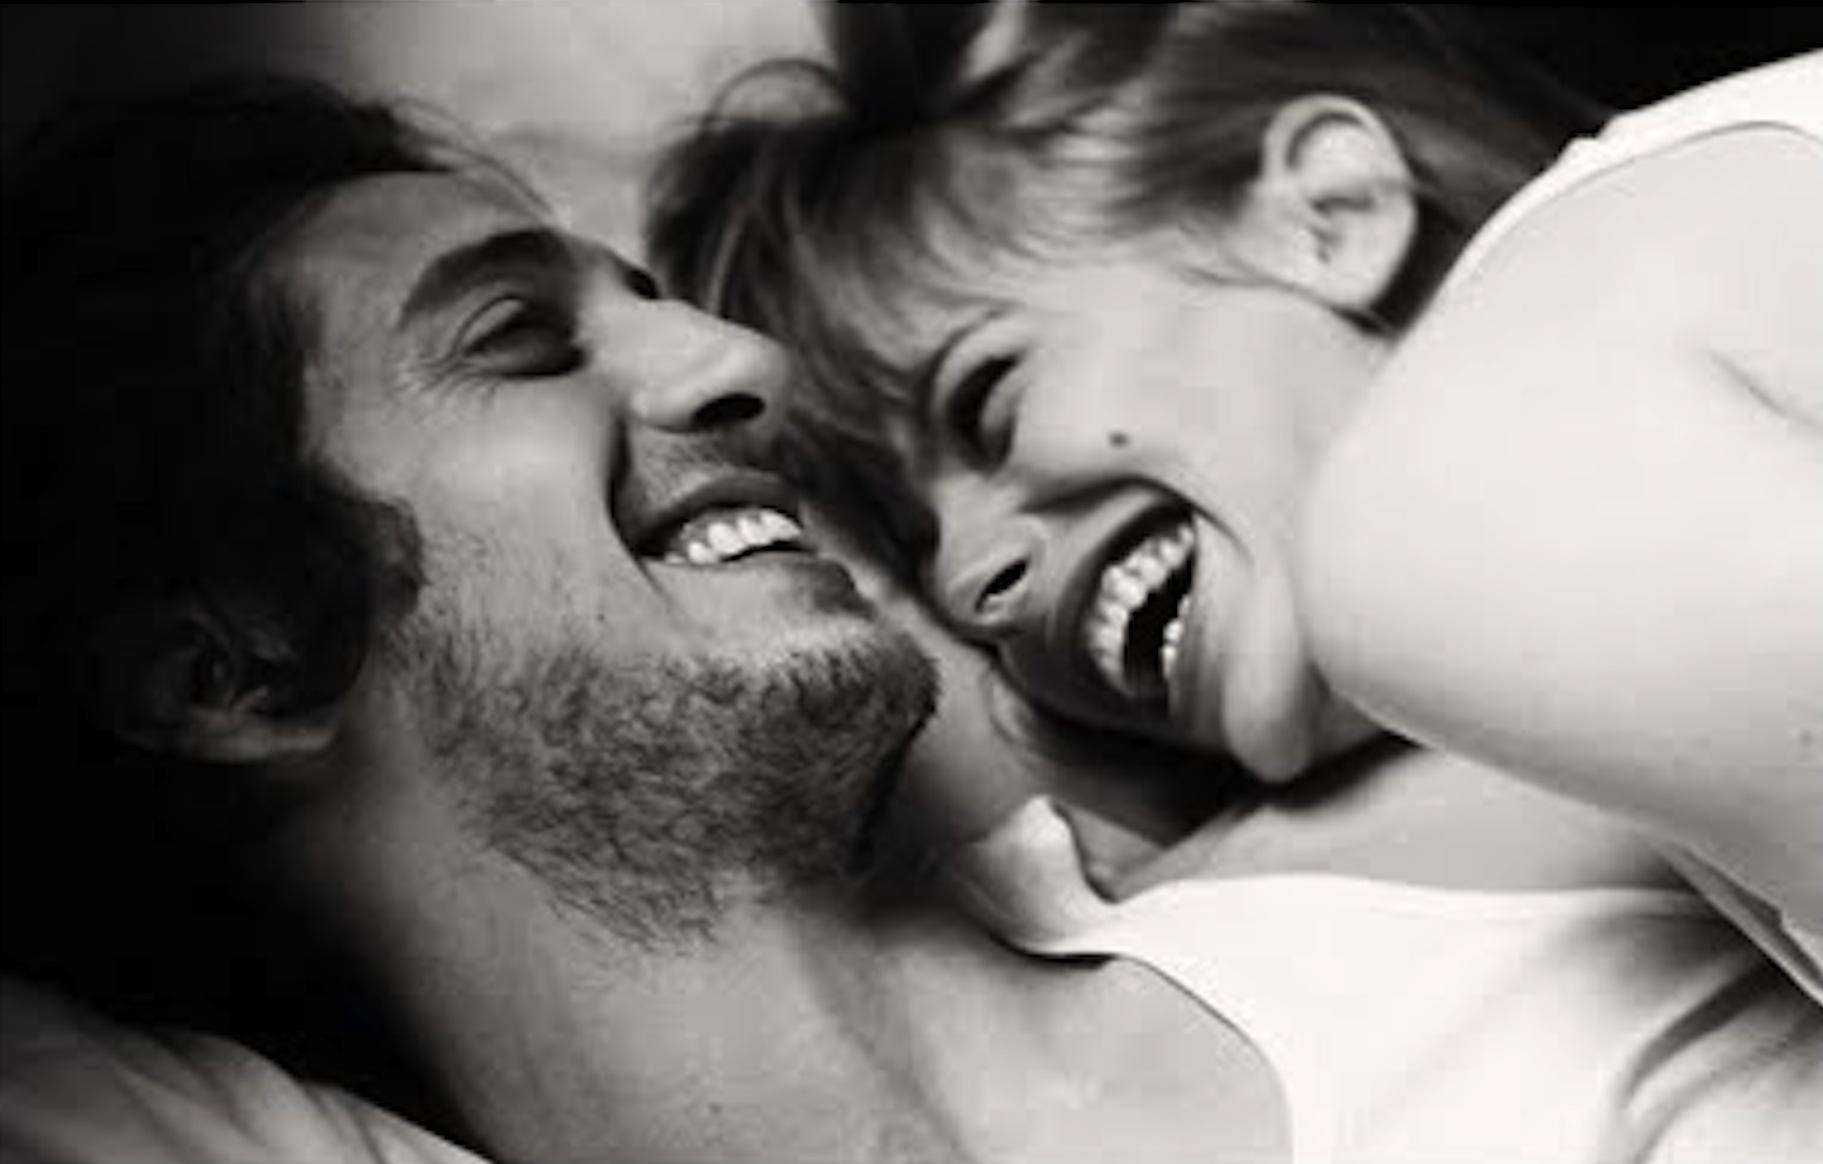 5 nền tảng cho tình yêu, tình vợ chồng bền chặt và hạnh phúc